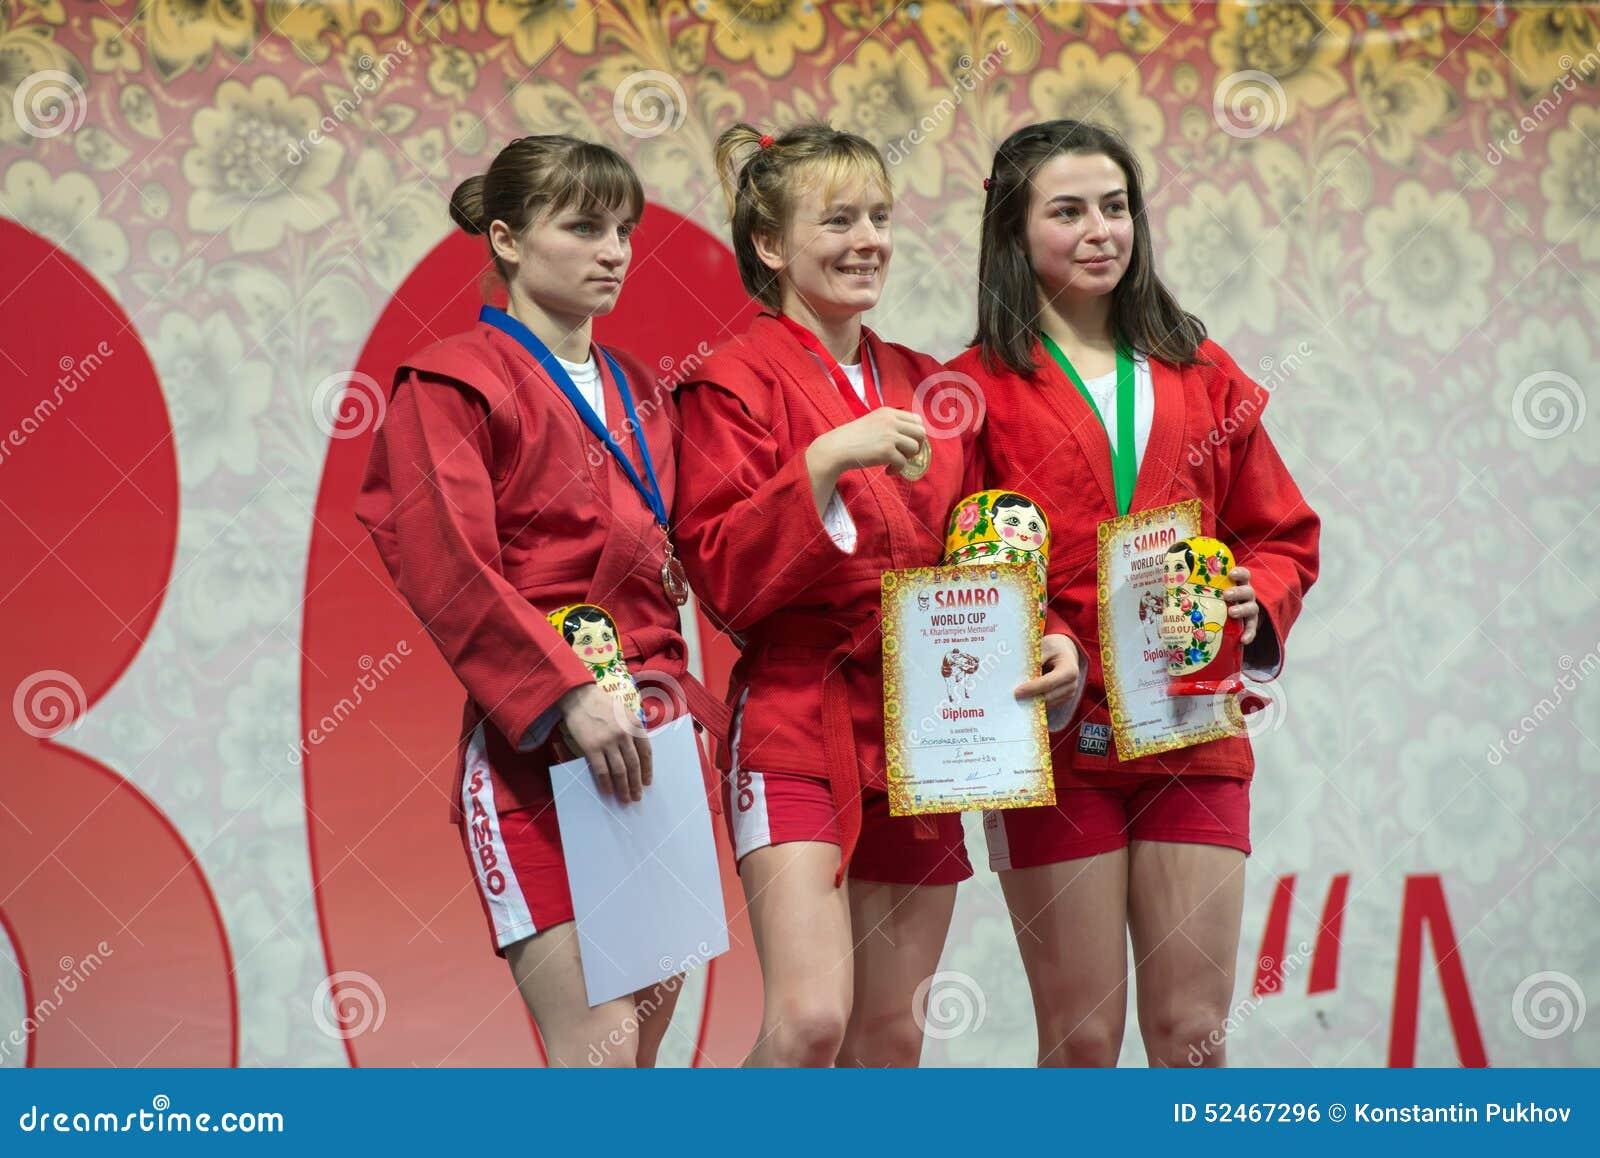 Categoría de los ganadores de mujeres 48 kilogramos